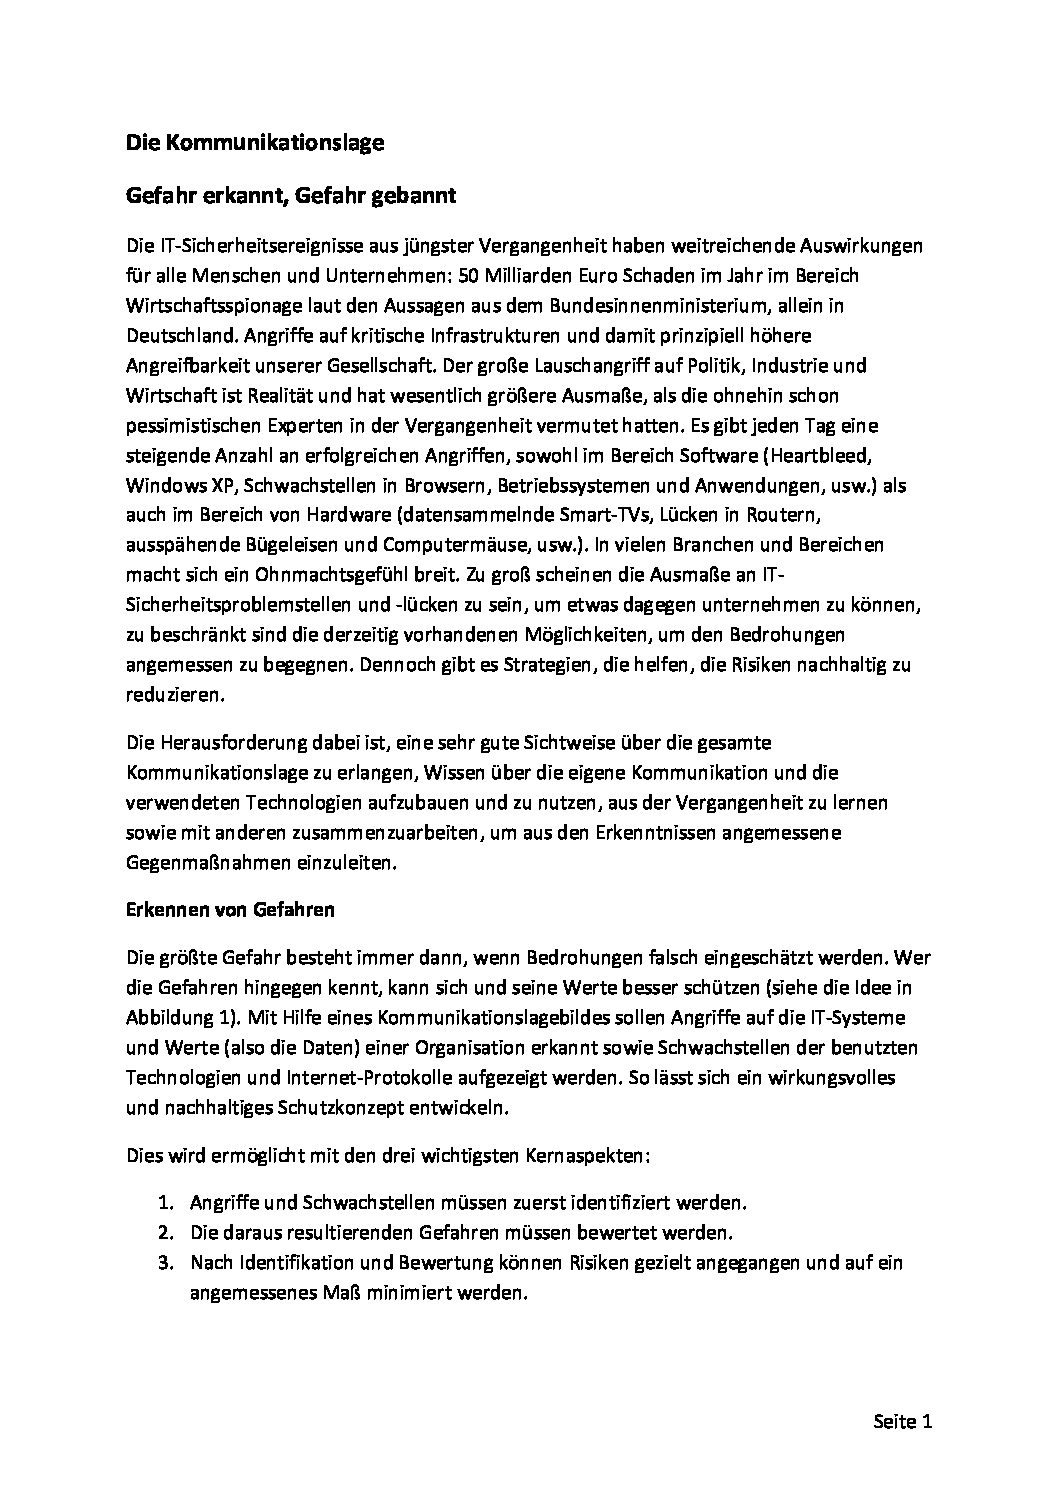 Artikel Die-Kommunikationslage-Prof.-Norbert-Pohlmann-pdf